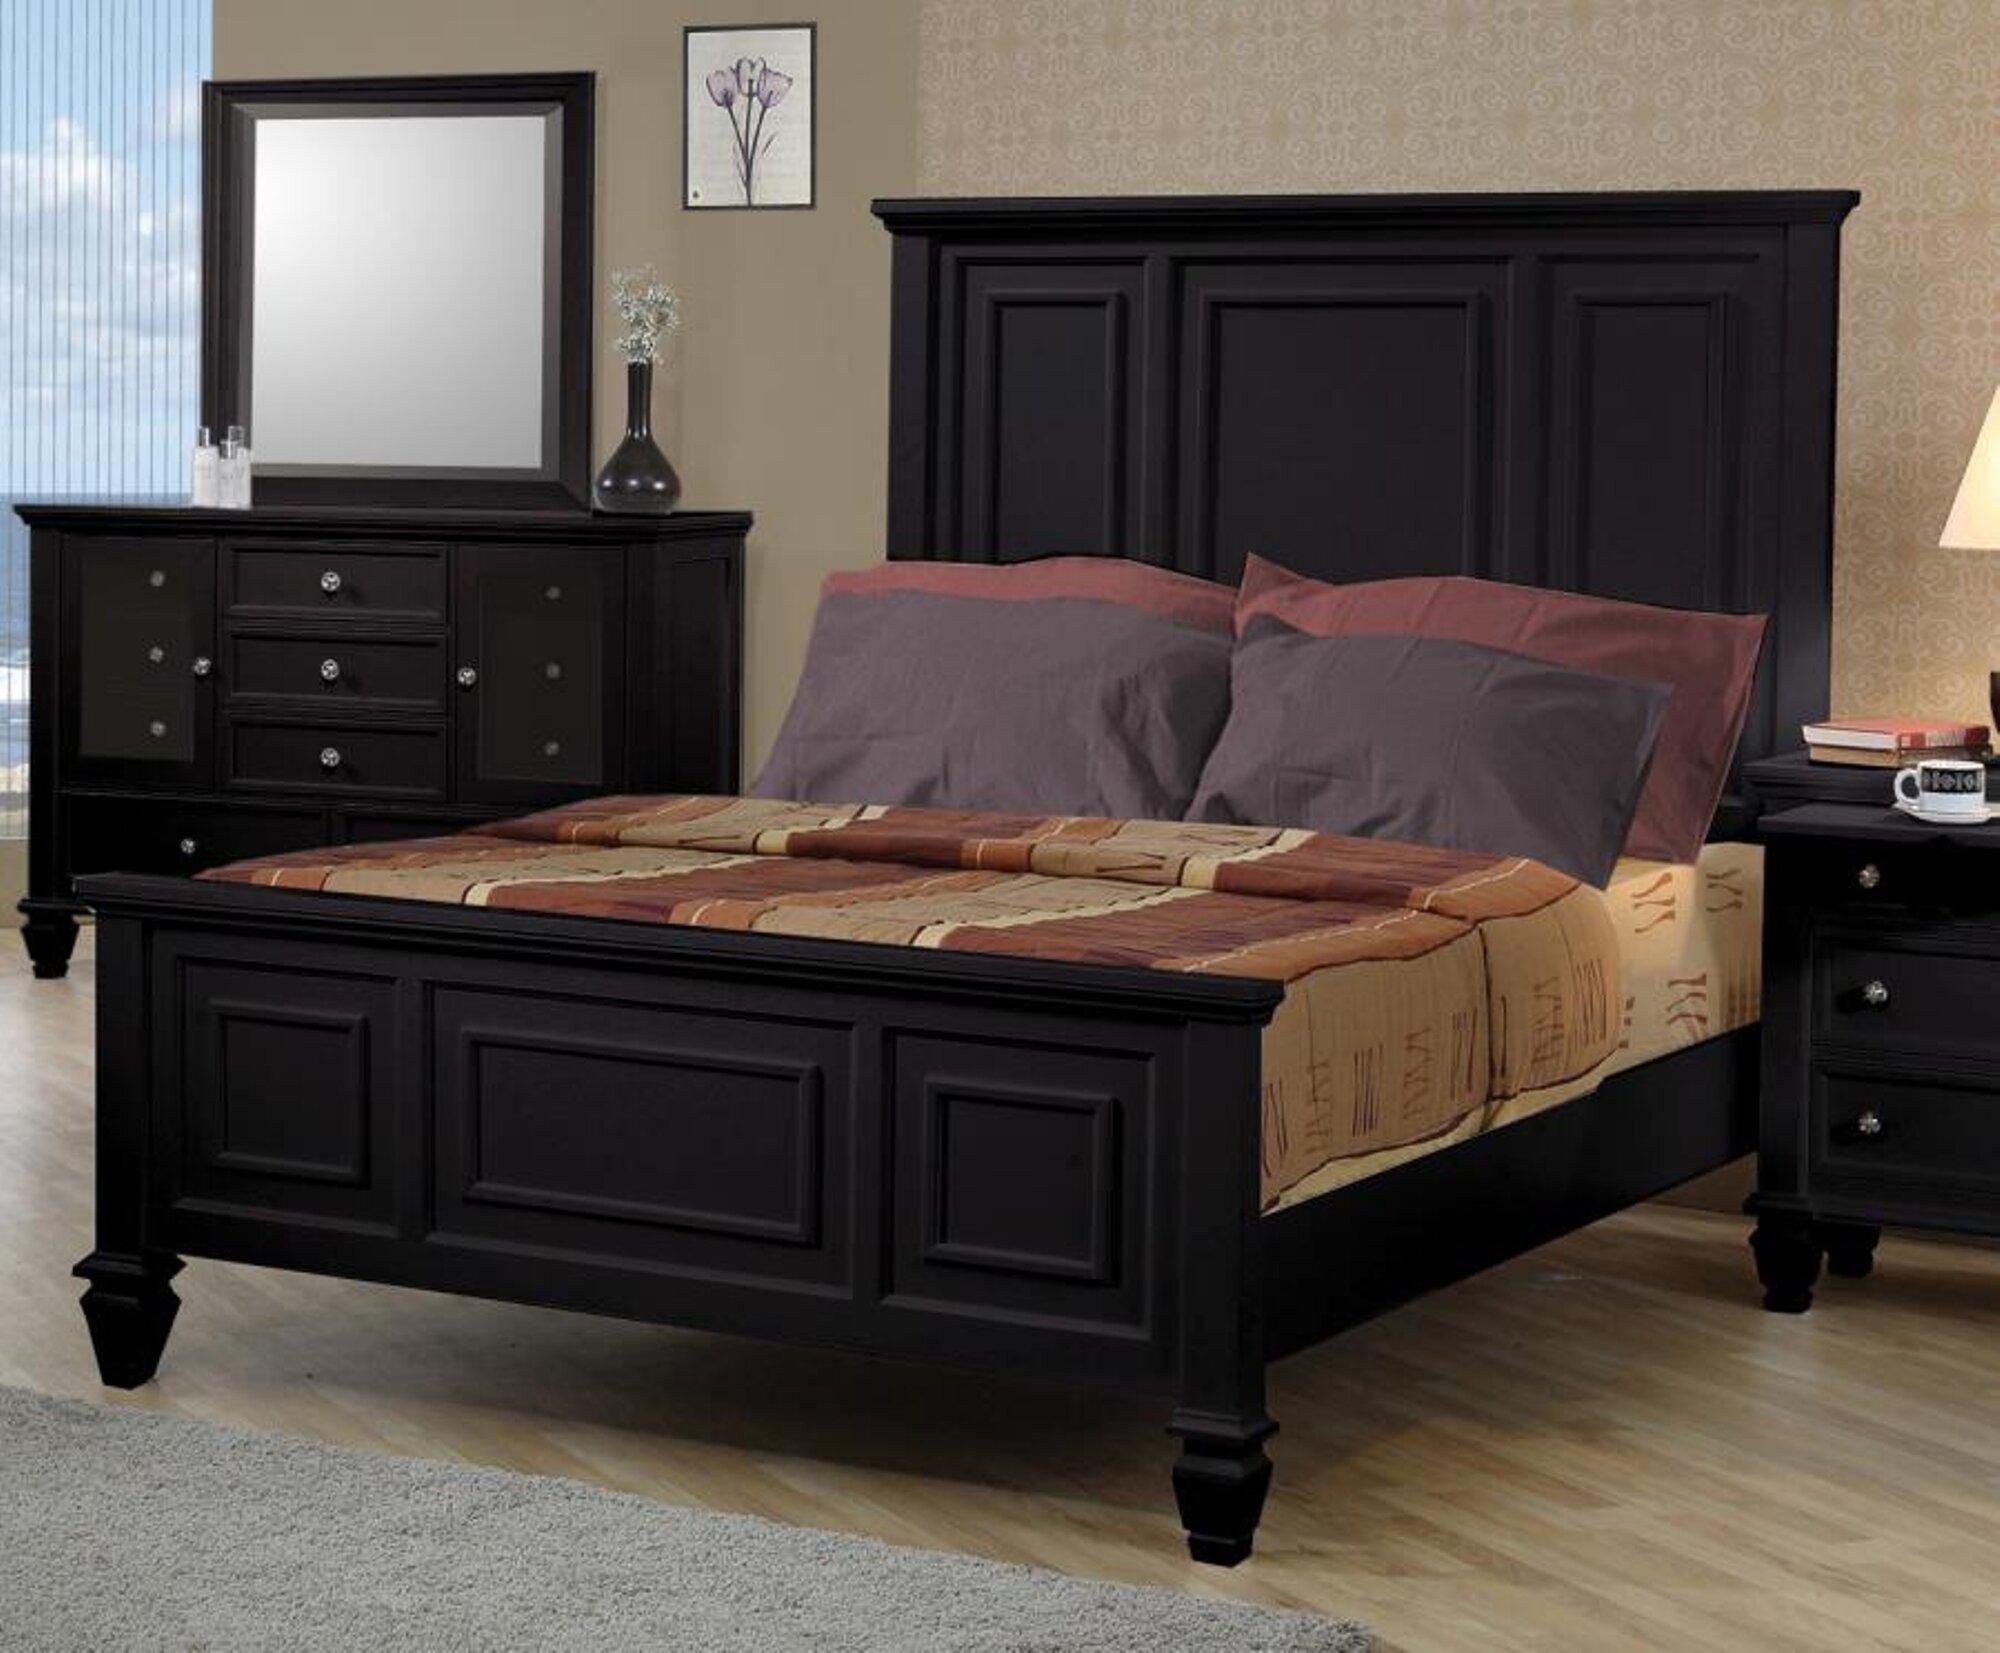 Darby Home Co Ellis High Headboard Panel Bed Reviews Wayfair